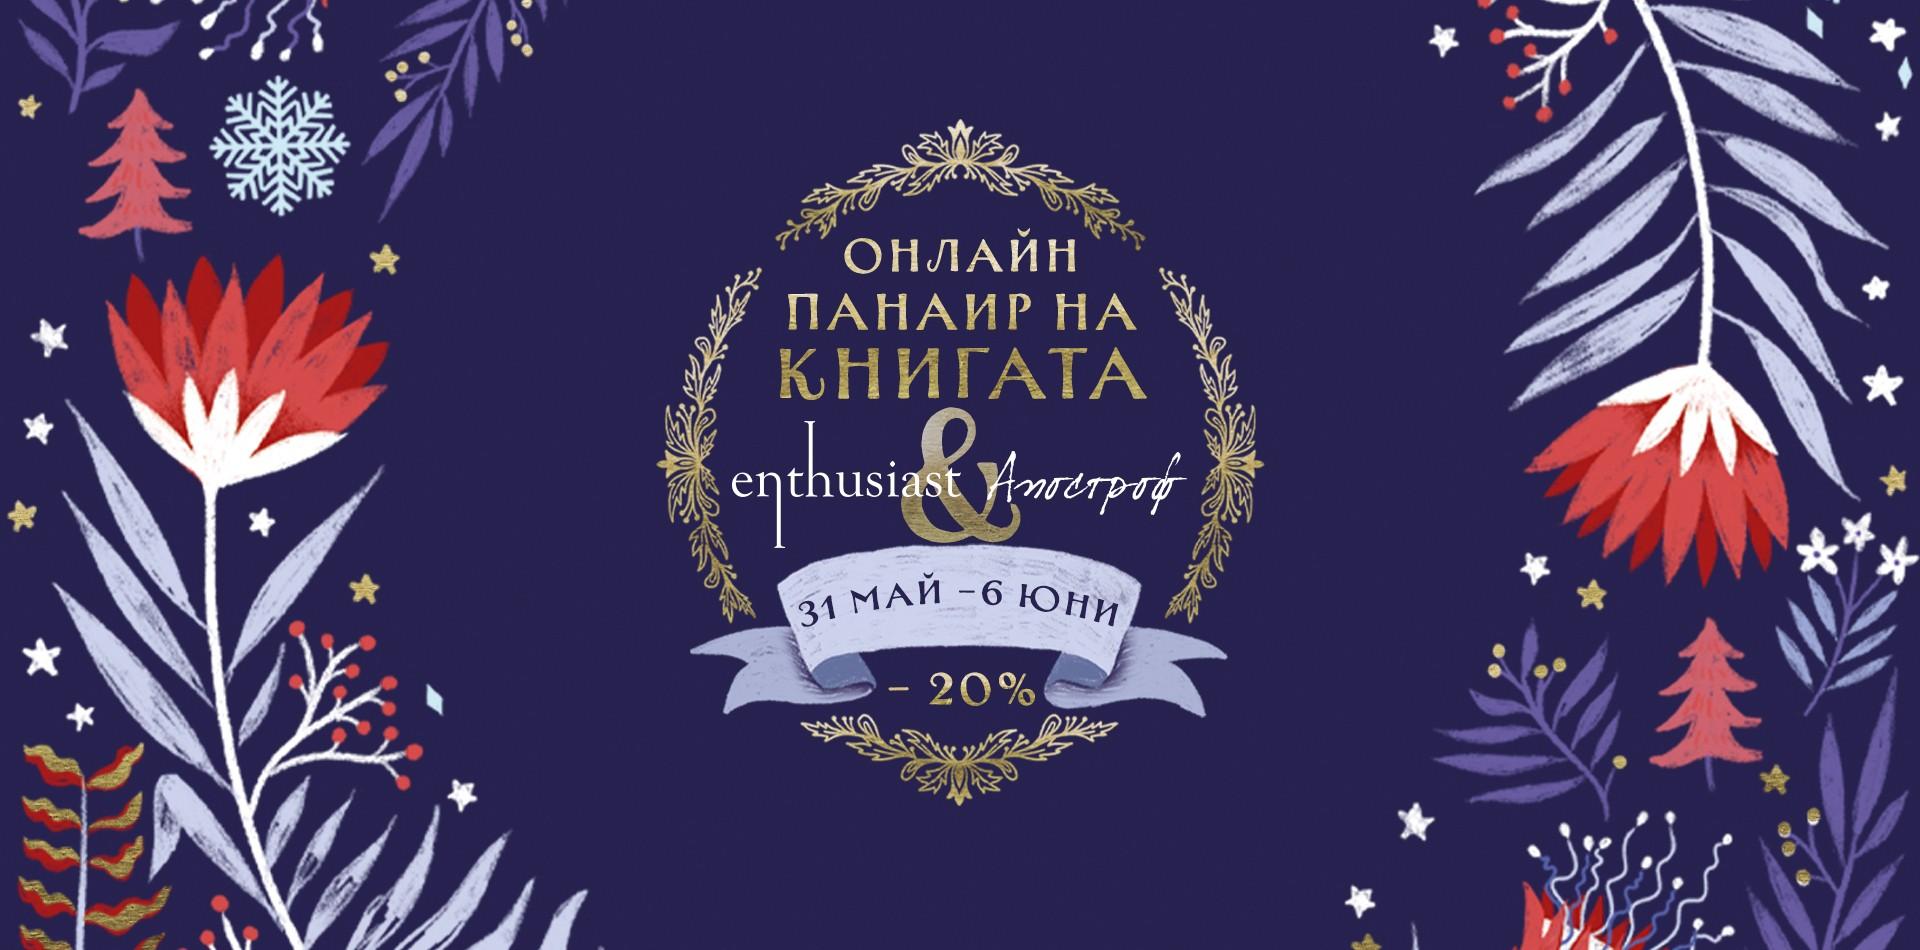 ОНЛАЙН панаир на книгата с Enthusiast и Апостроф